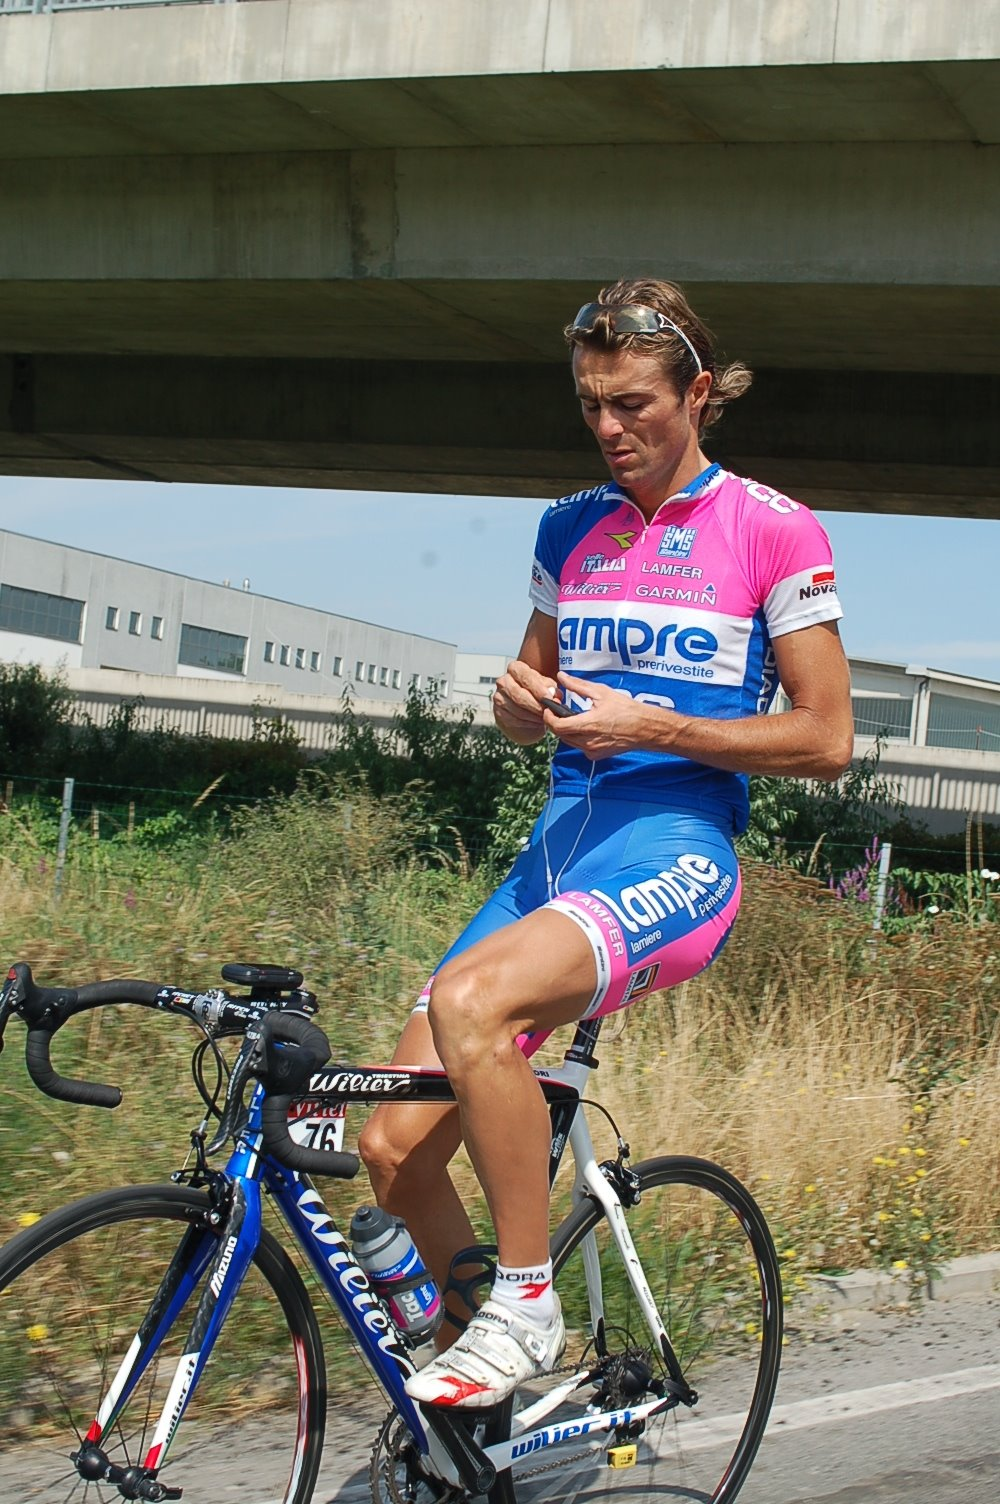 Le Tour de France 2008